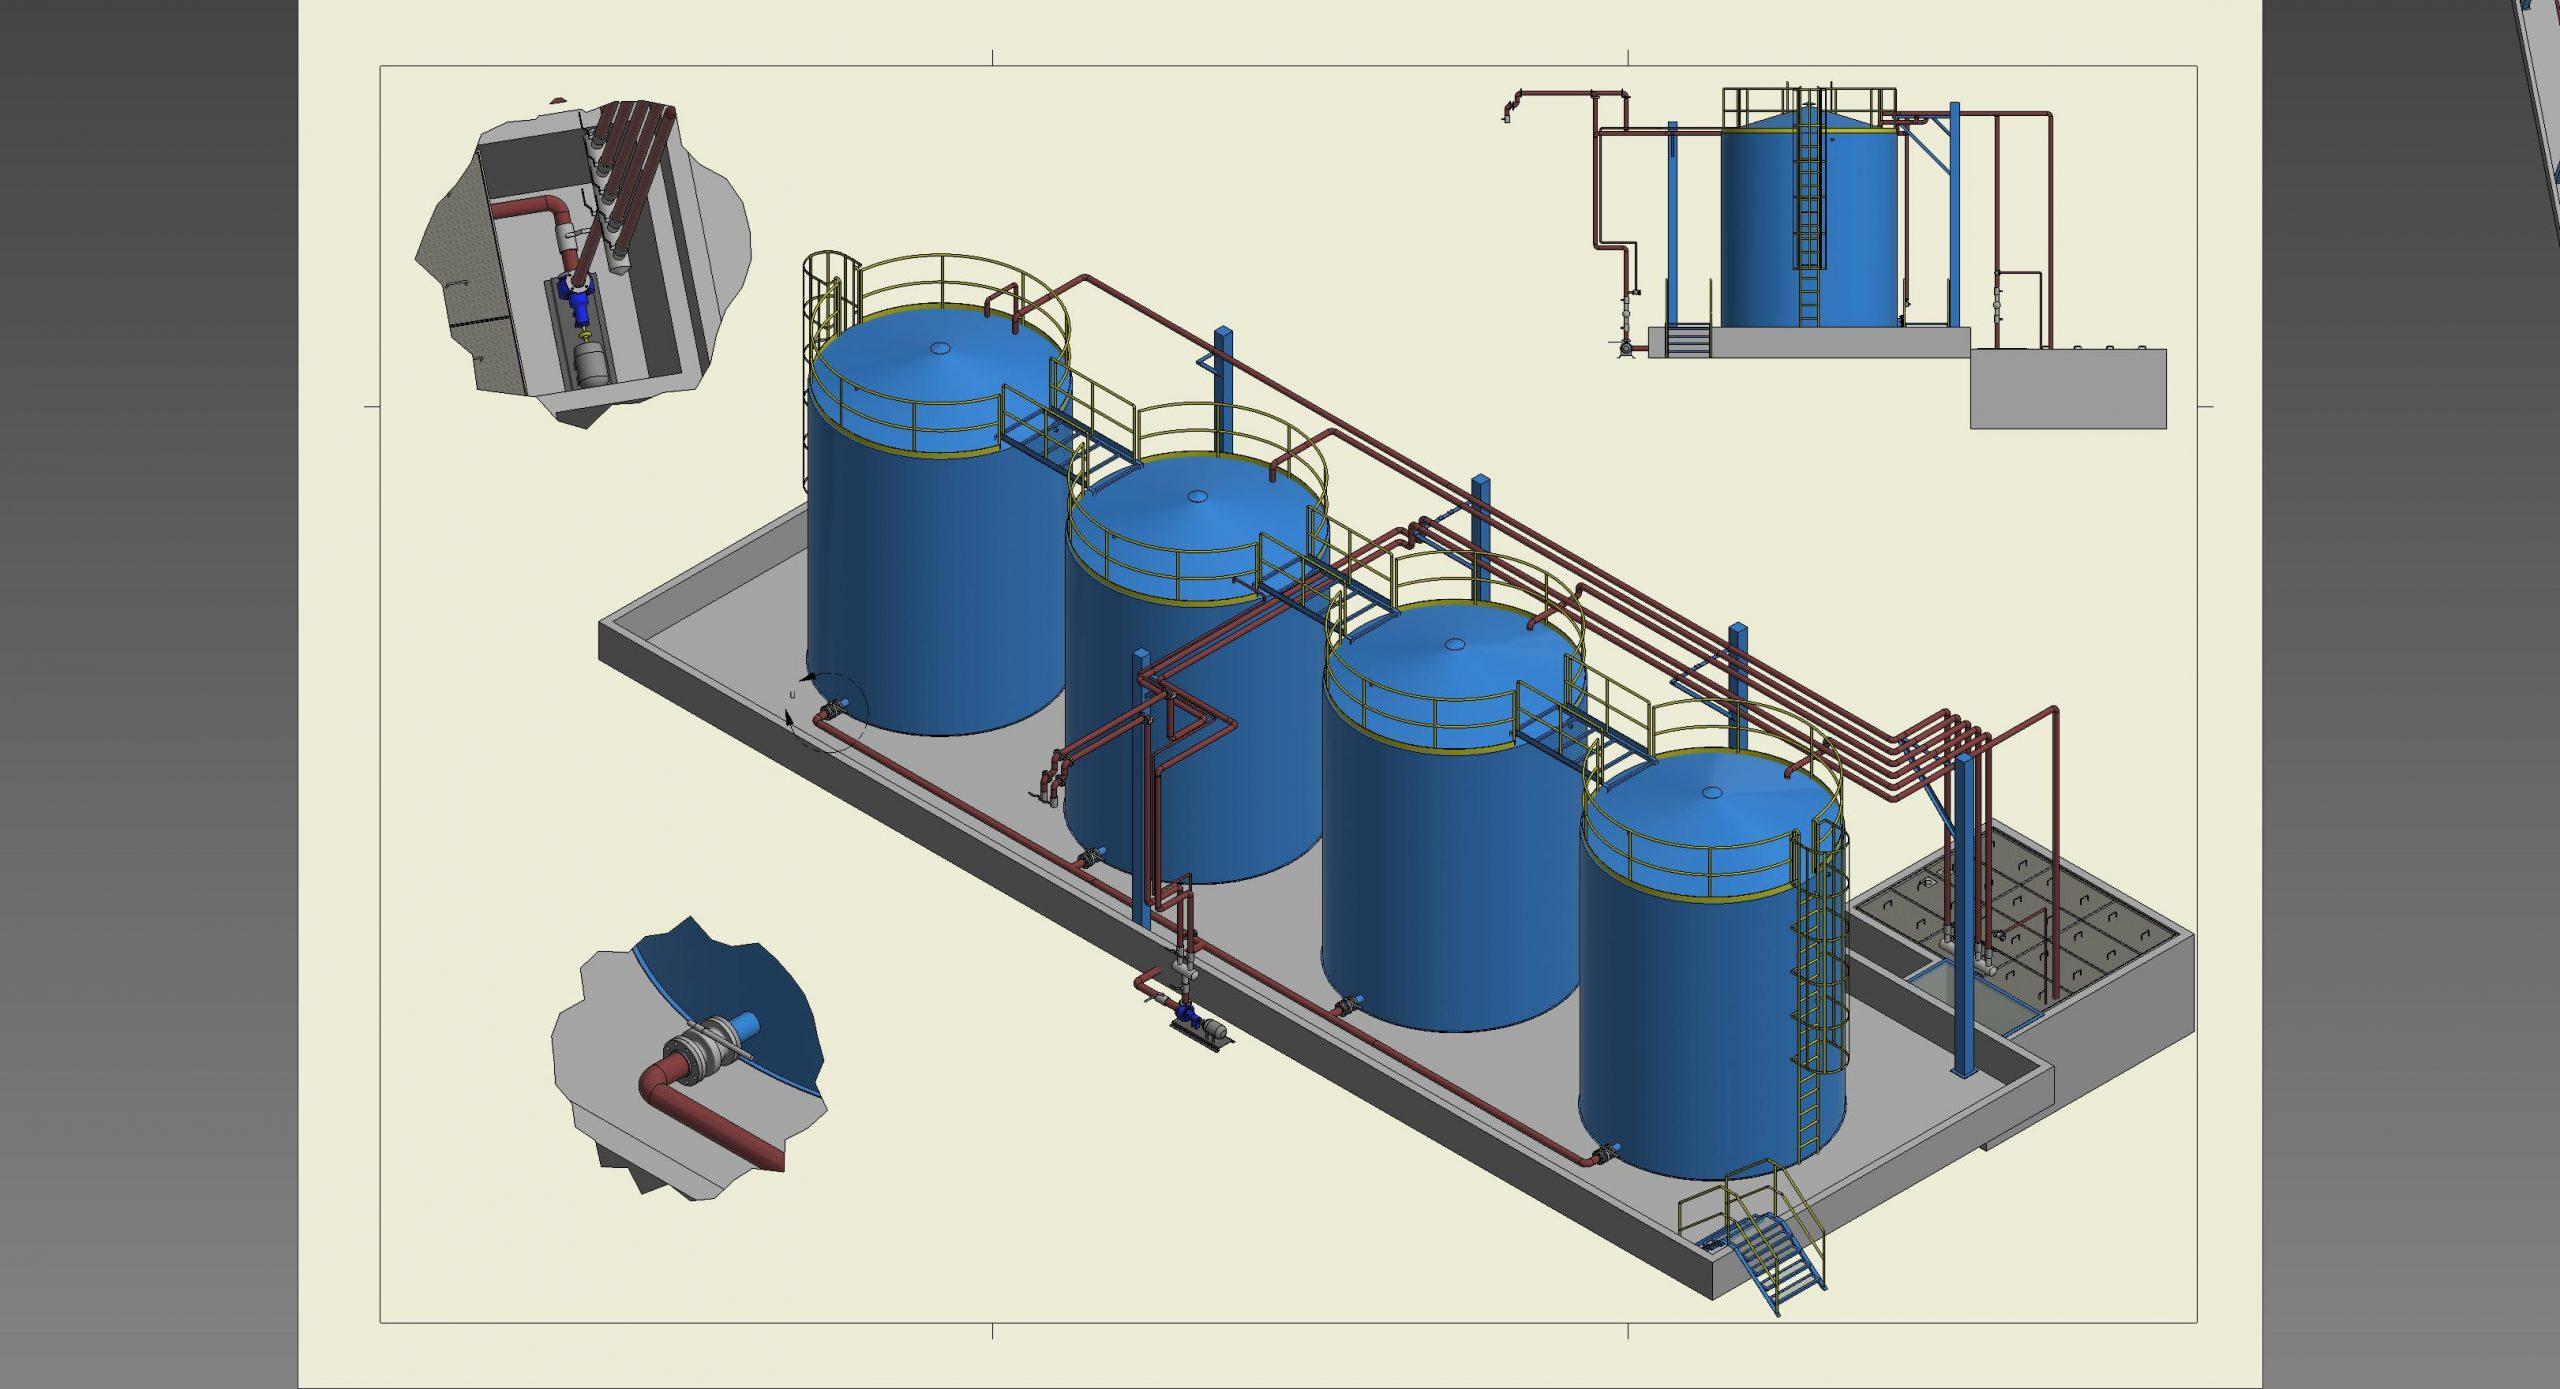 Projetos FP: Tanques de armazenamento com bombas e tubulações